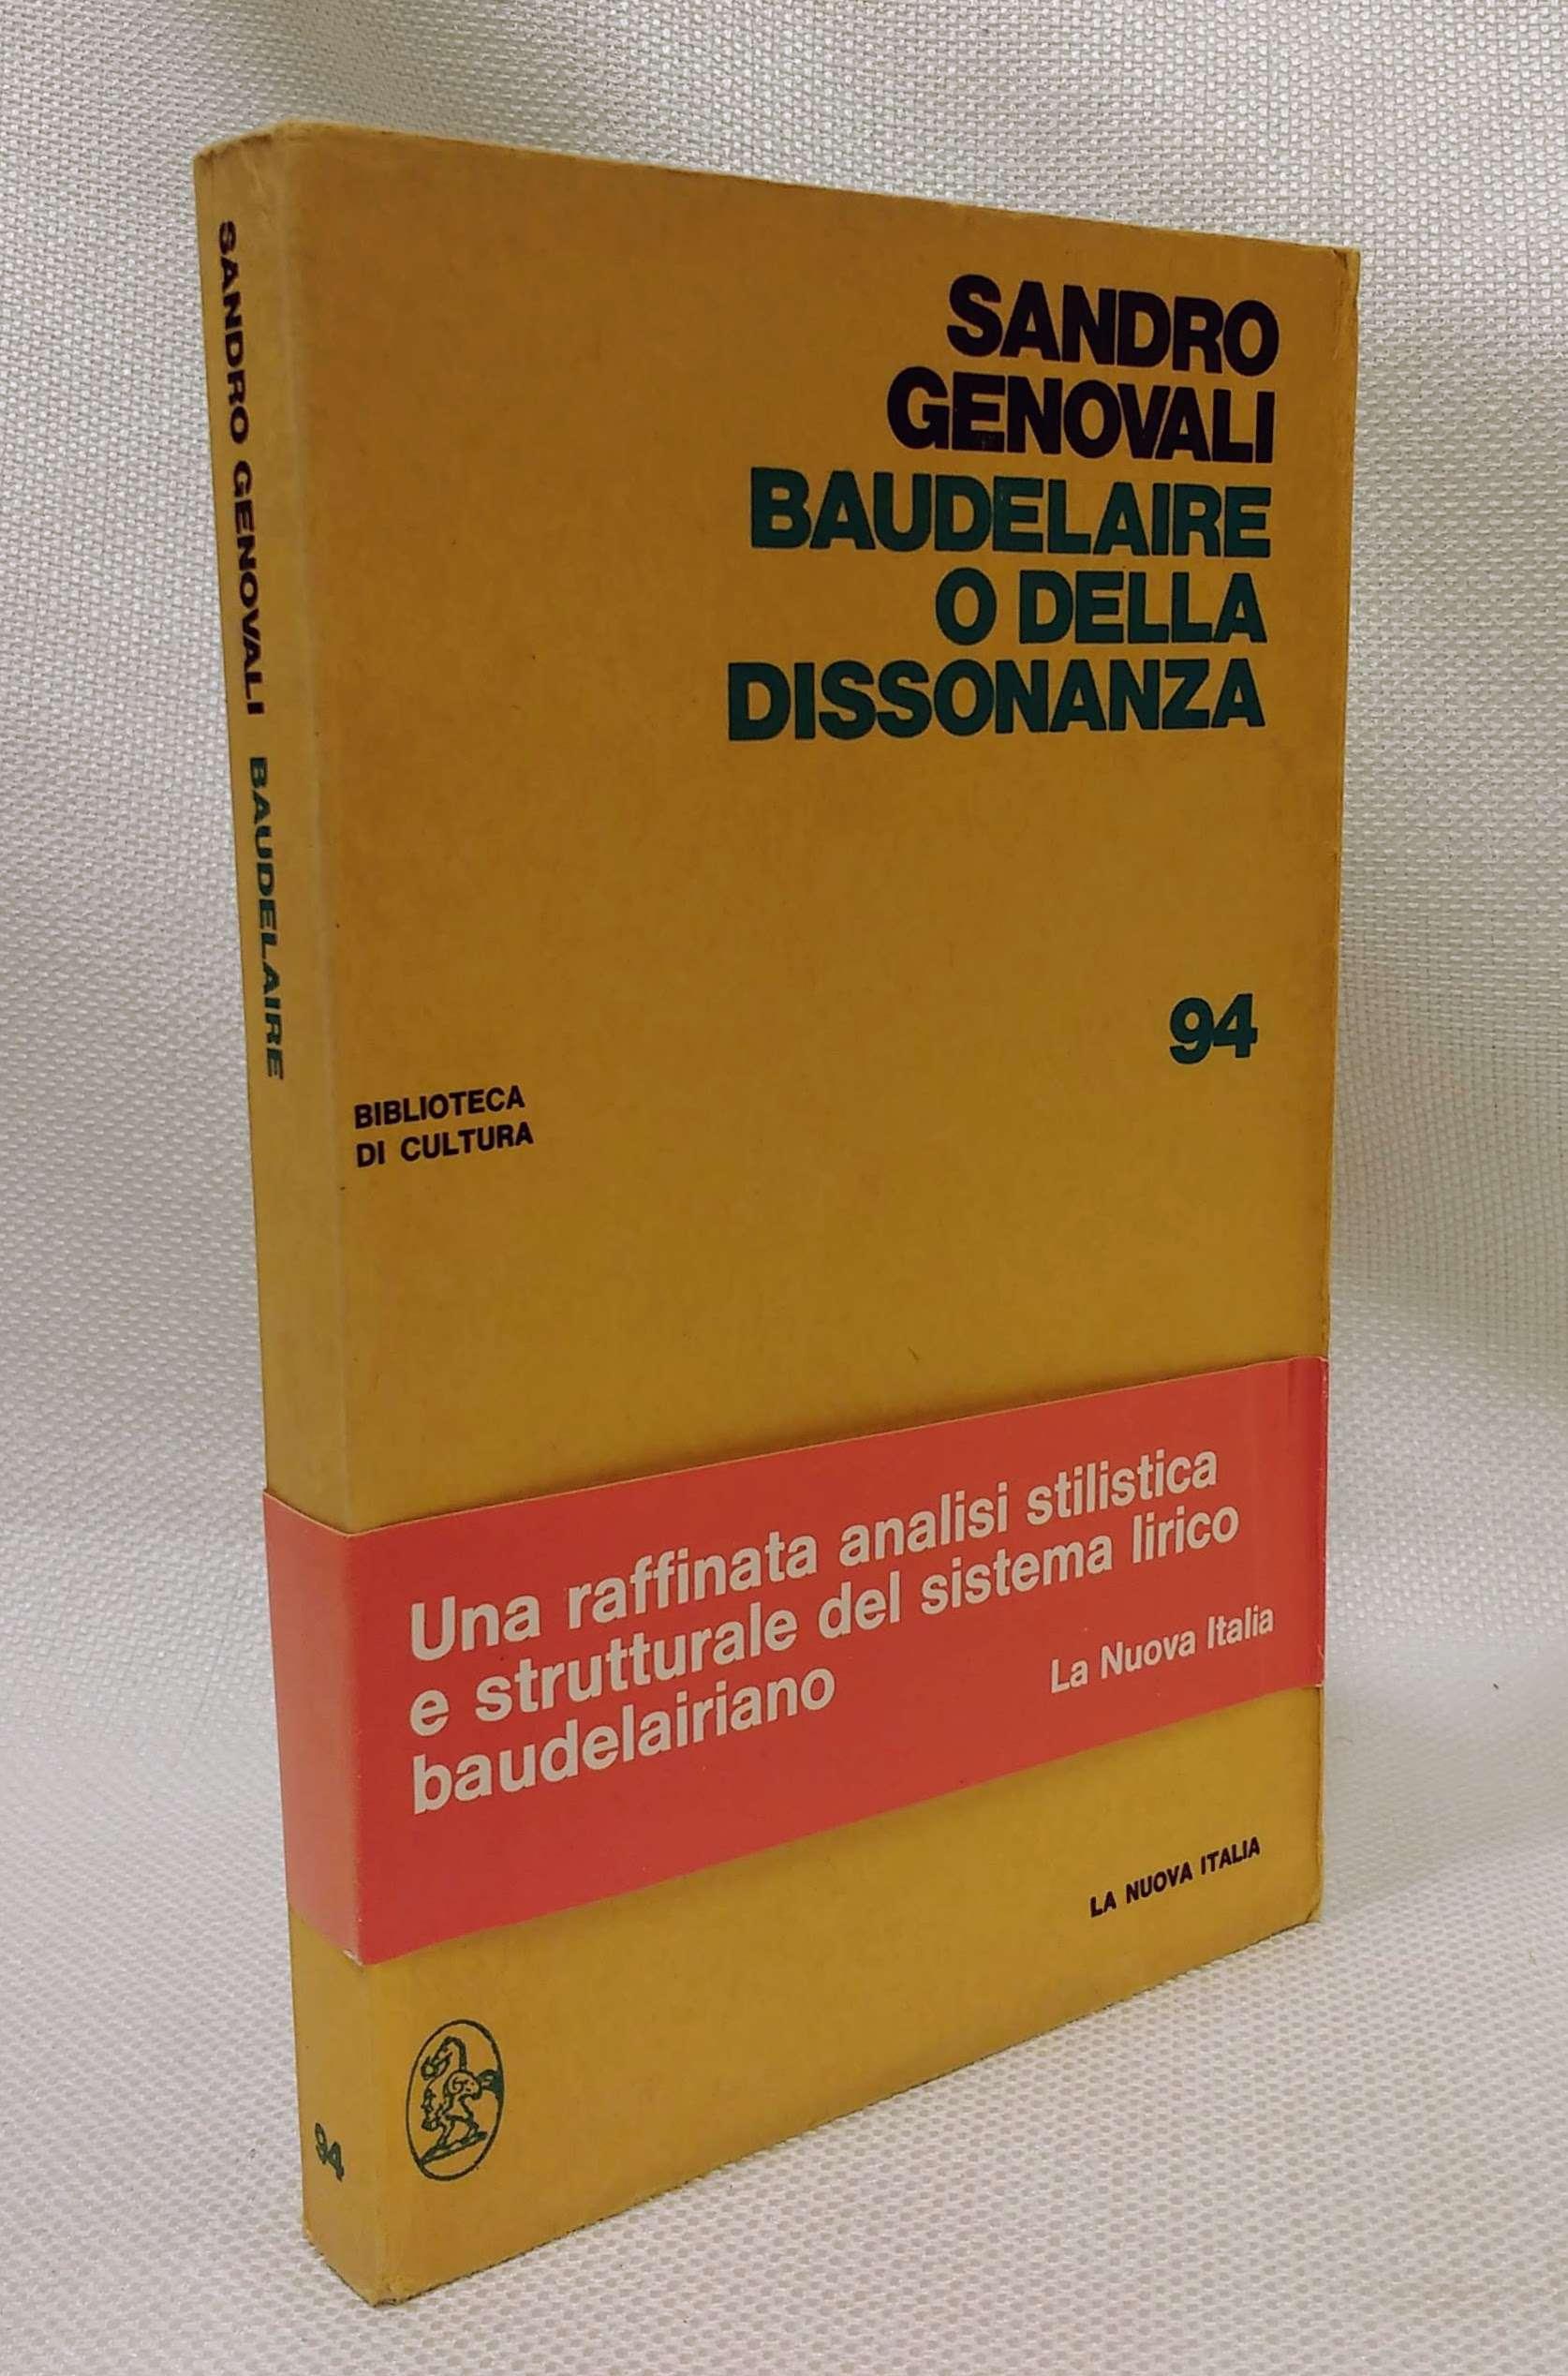 Baudelaire , o della dissonanza, Genovali, Sandro